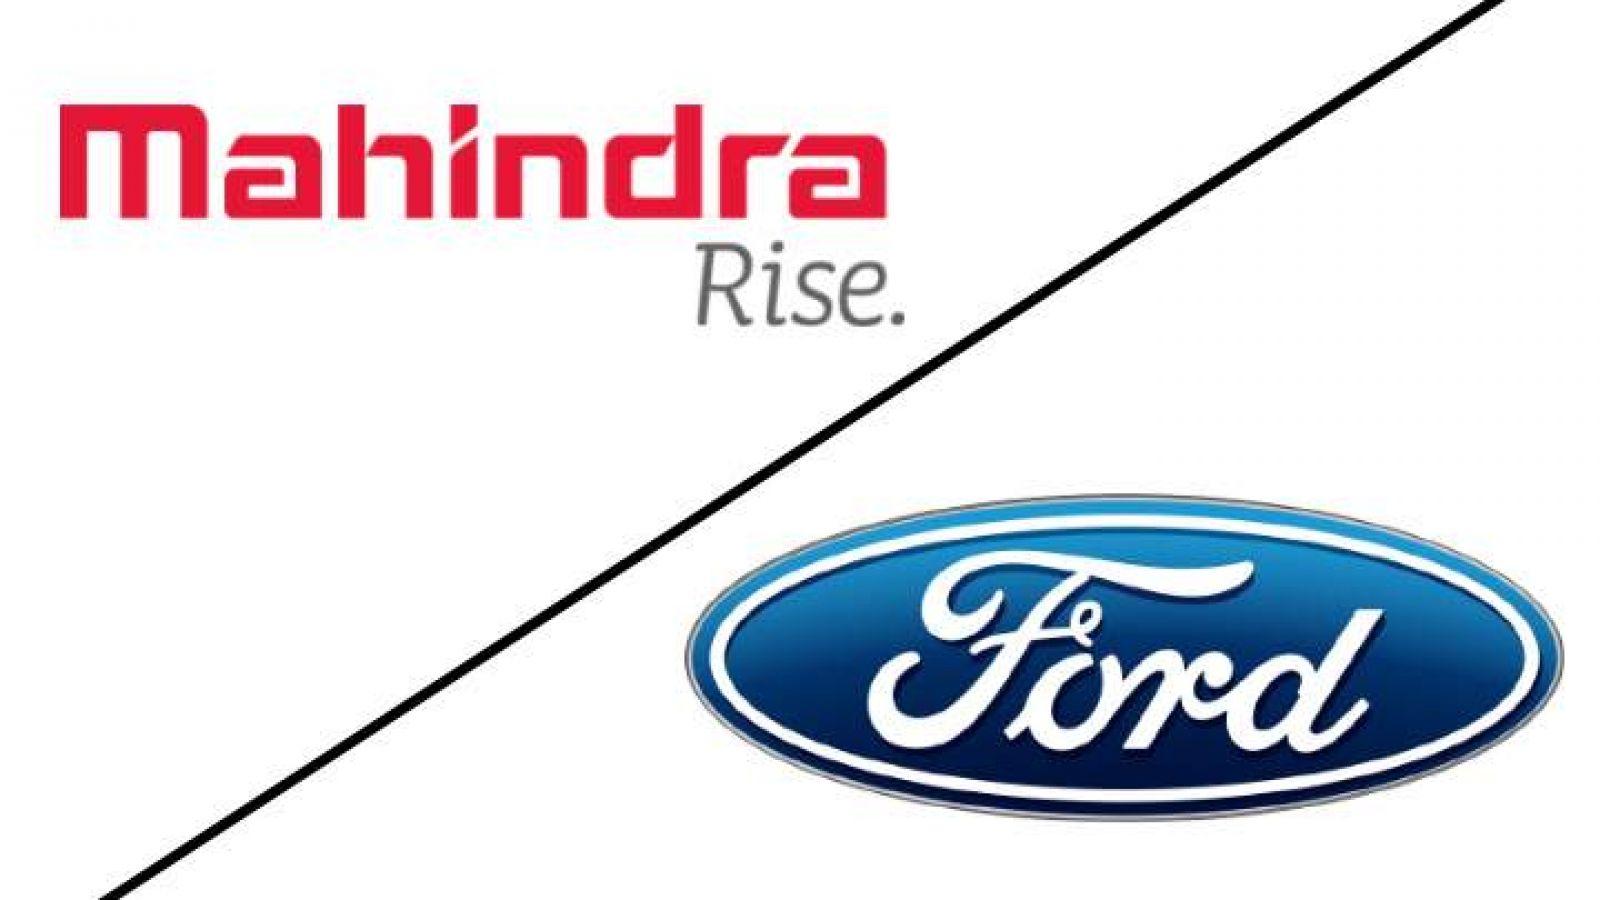 Mahindra और Ford में हुआ समझौता, MidSage SUV बनाने की तैयारी